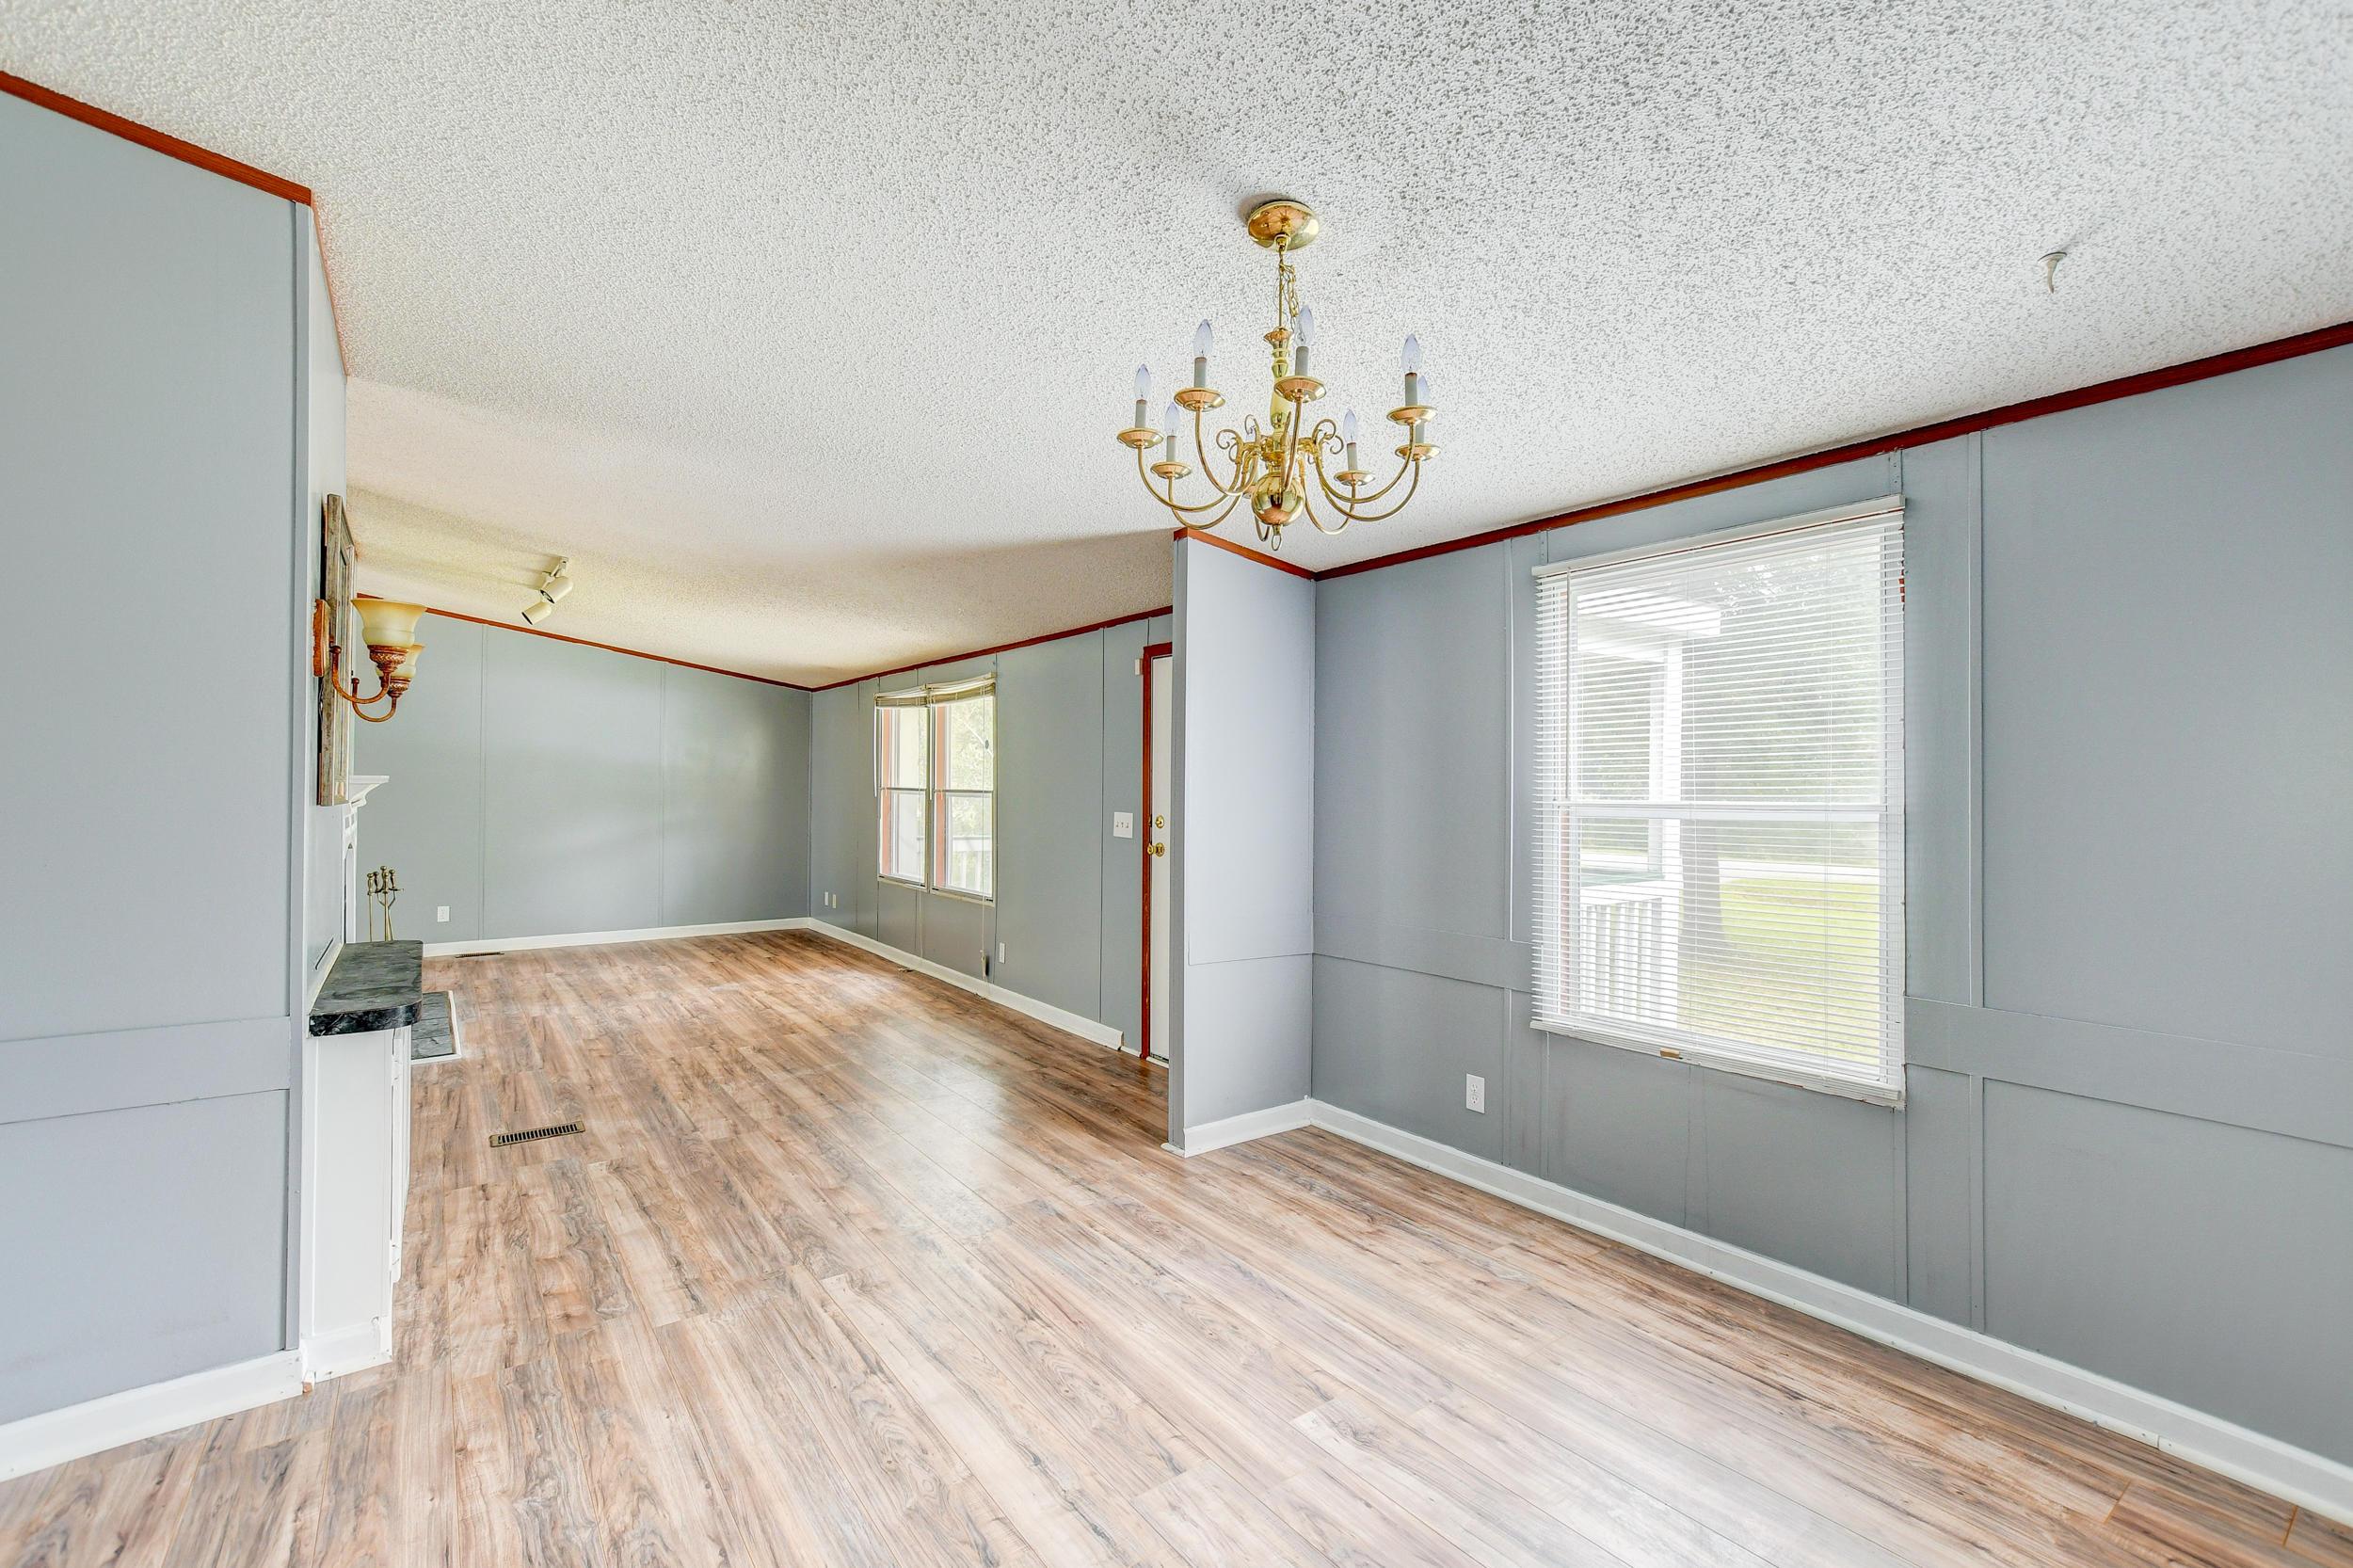 Clemson Terrace Homes For Sale - 123 Colkitt, Summerville, SC - 10